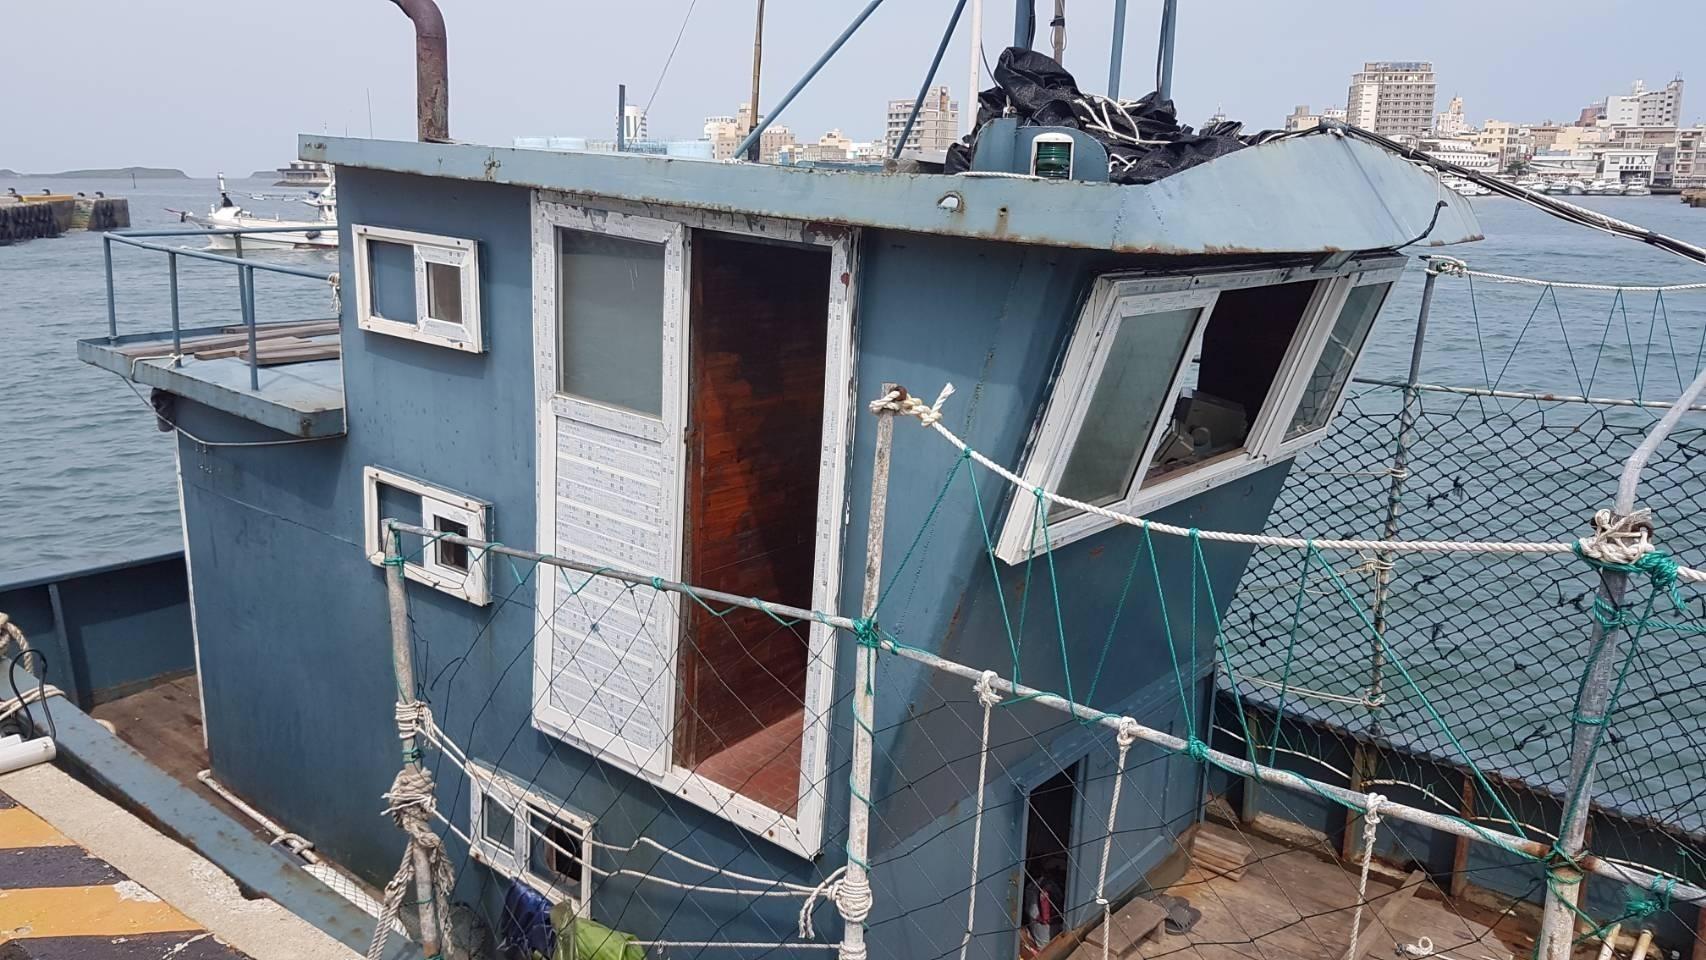 中國漁船刻意隱去船名躲避查緝,越界作業仍扣留調查罰鍰。(澎湖海巡隊提供)